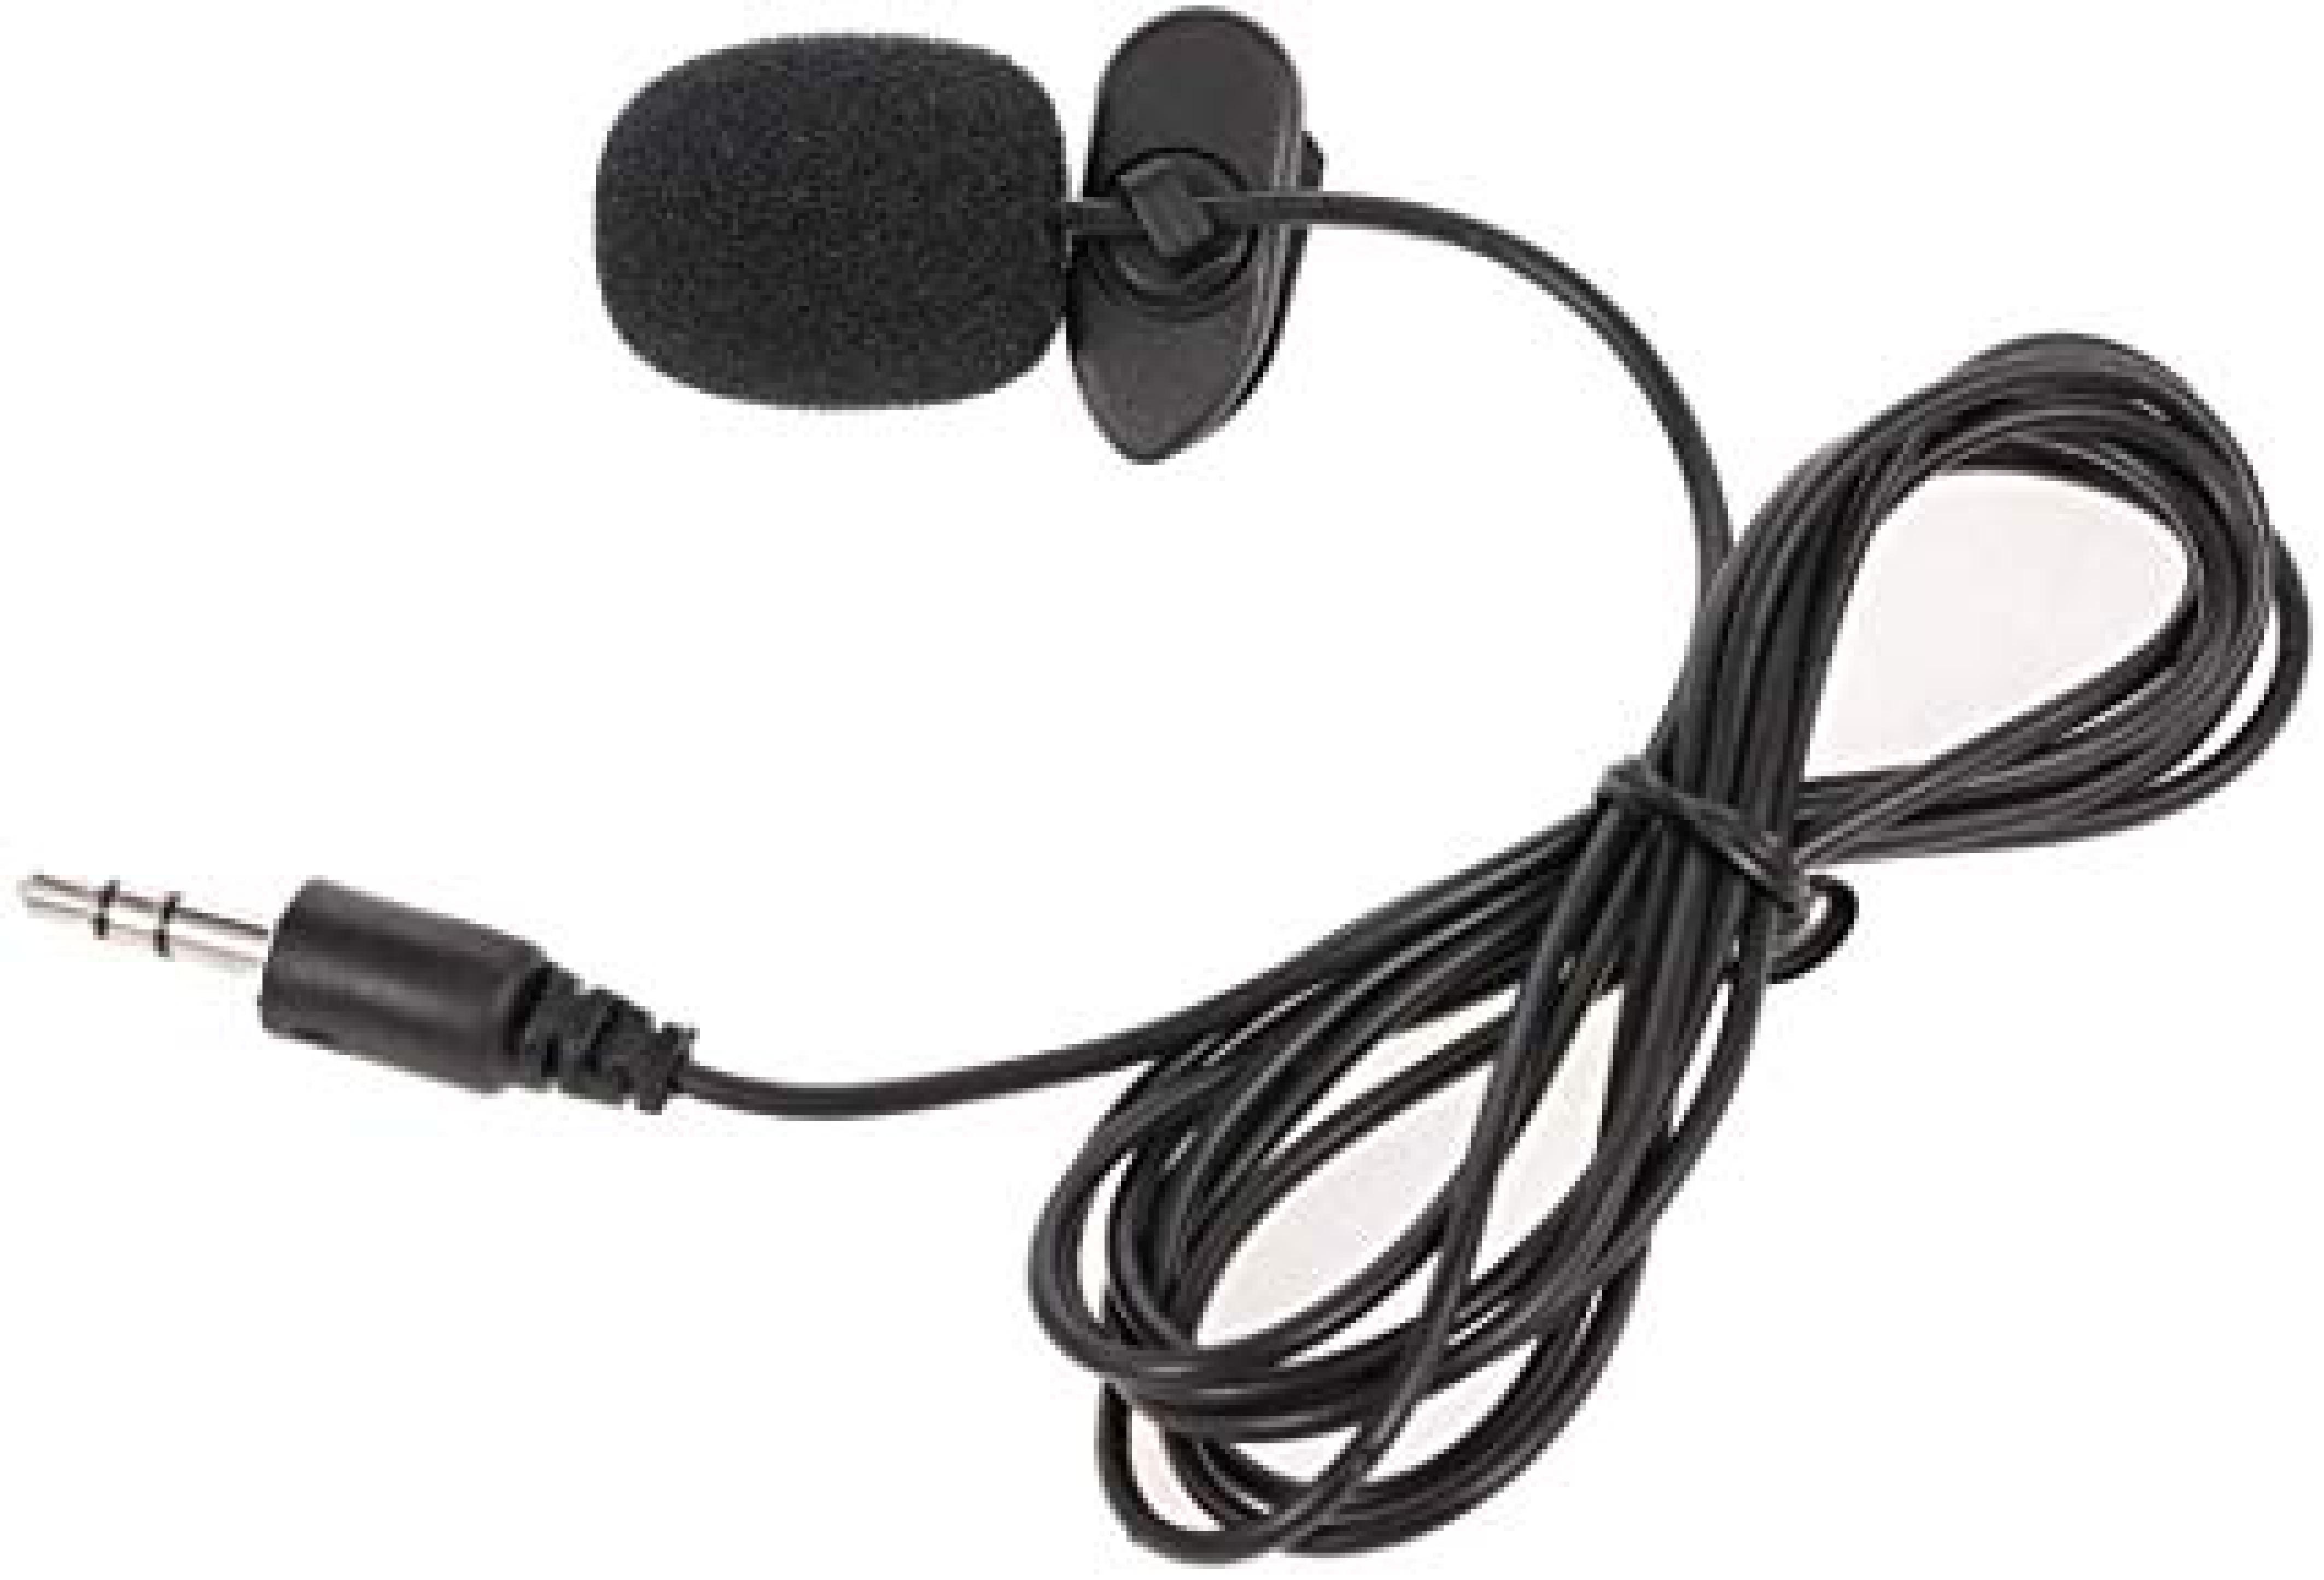 Konferans Kılavuzu için Taşınabilir 3.5mm Klip Mikrofon Stüdyo